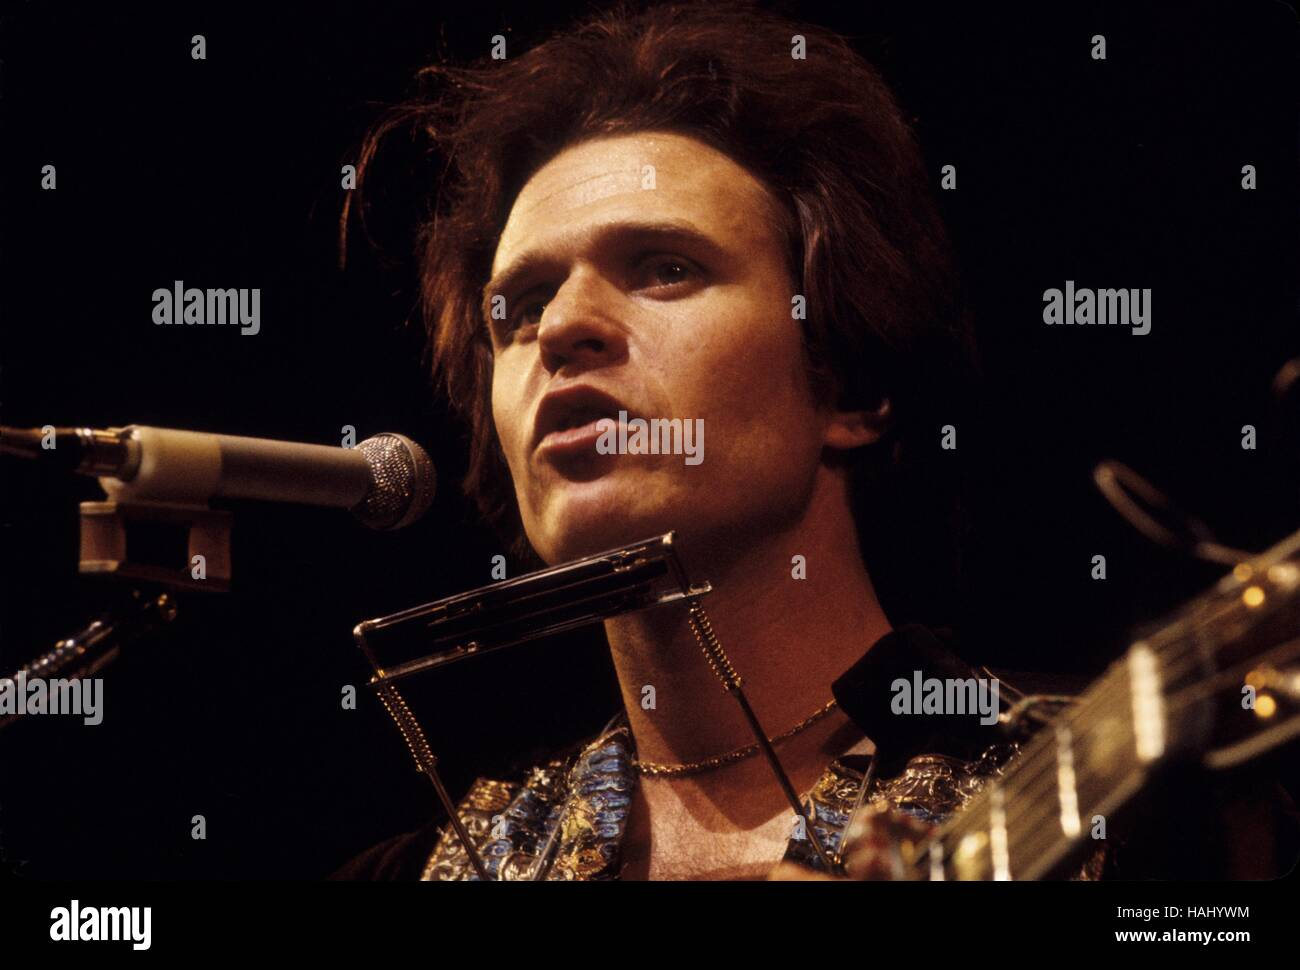 Country Joe McDonald - 28/03/1971 - France / Ile-de-France (région) / Paris - Concert Country Joe McDonald, Photo Stock